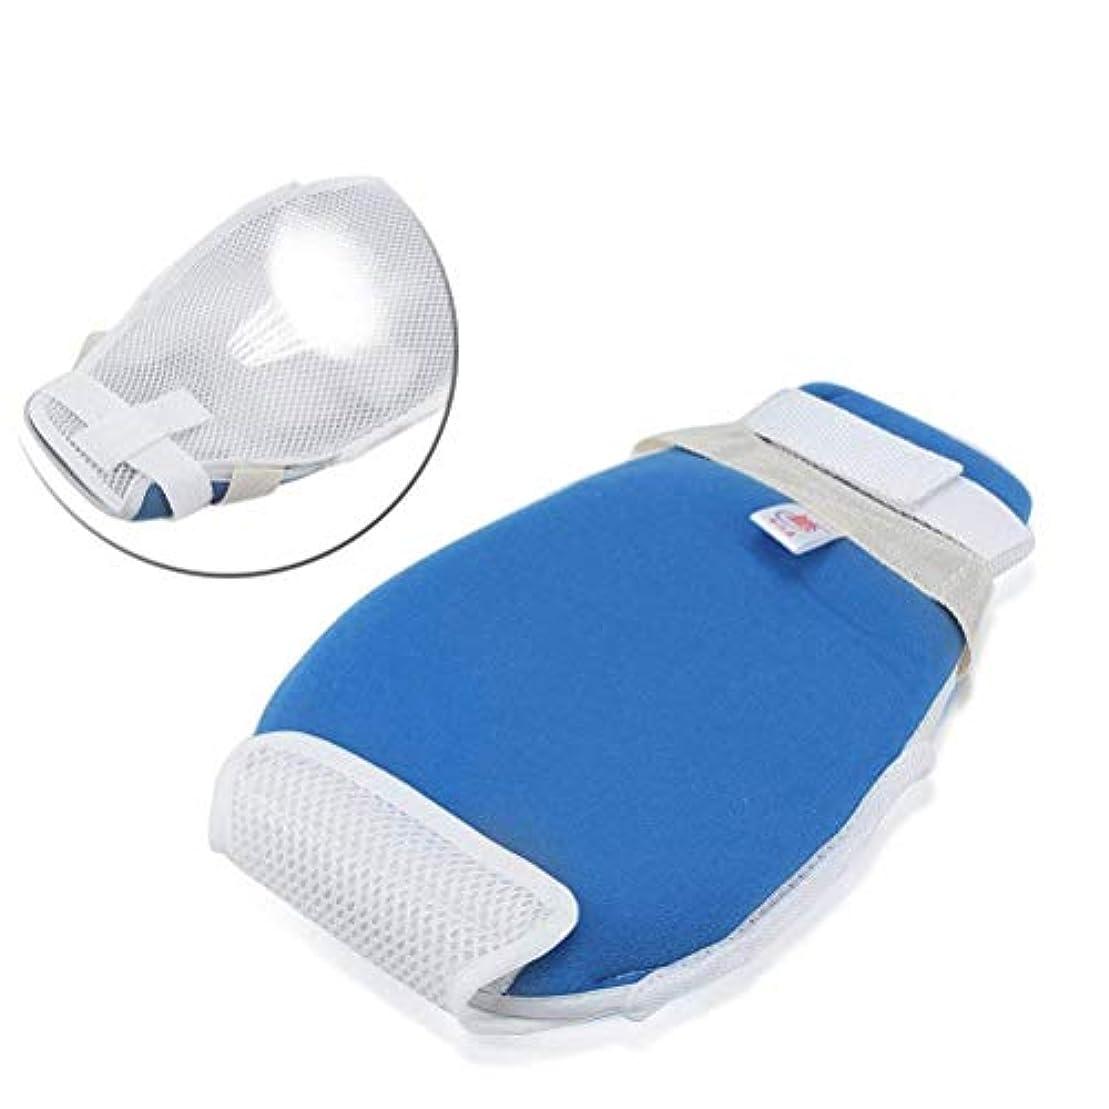 コントロールミット、安全拘束手袋患者の手の感染防止用品、抜管防止スクラッチフィンガーグローブ (Size : 1PCS)